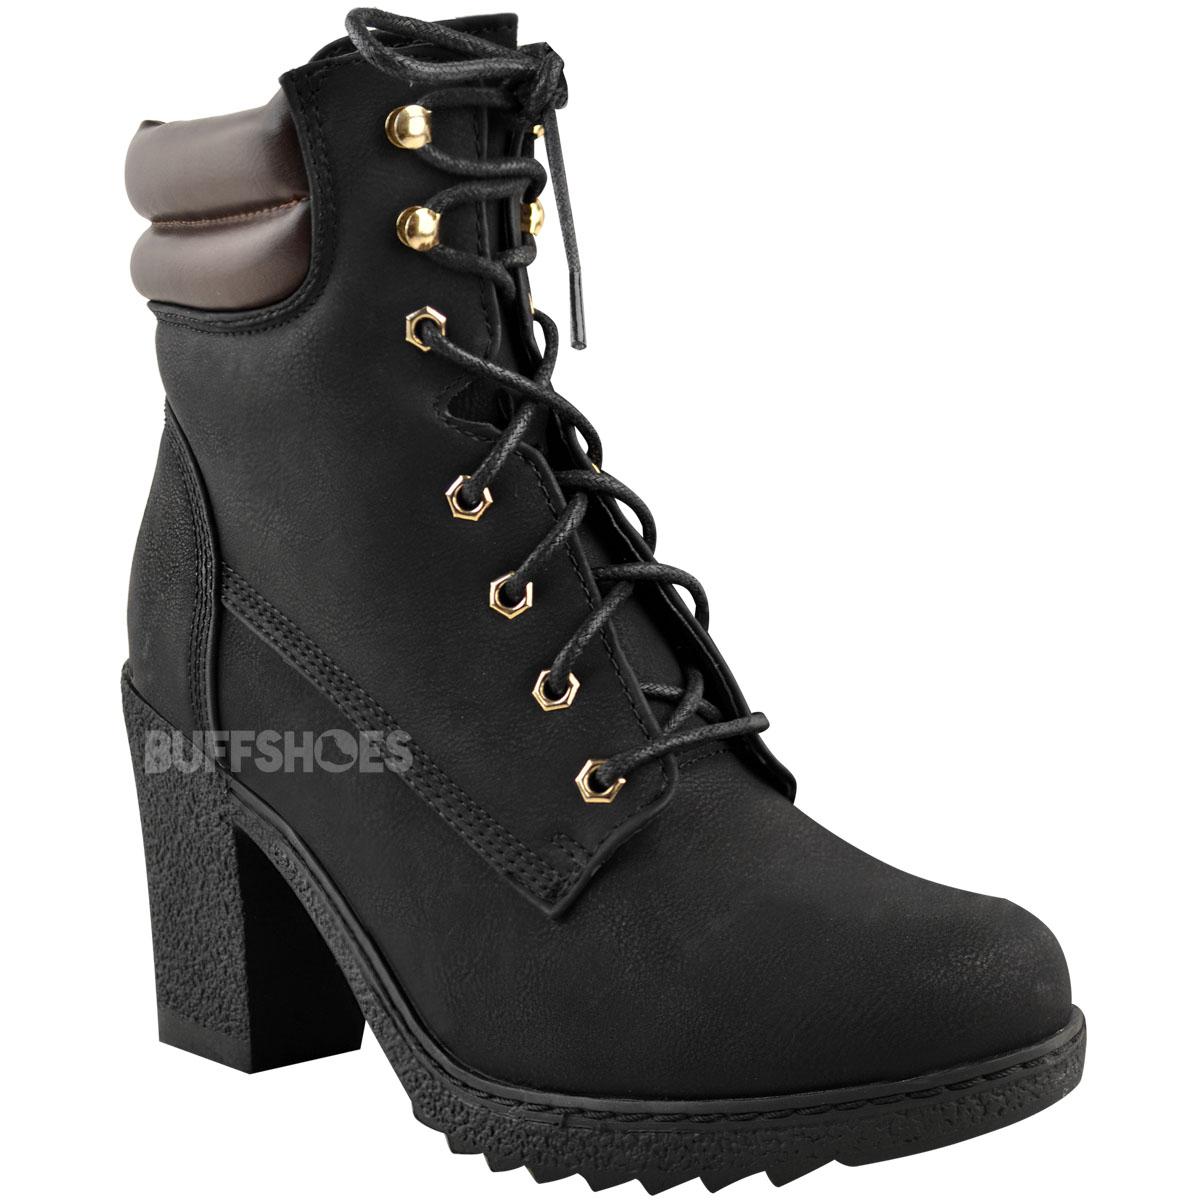 Womens-Ladies-Winter-Walking-Boots-Fleece-Warm-Lining-Cosy-Low-Block-Heel-Size Indexbild 3